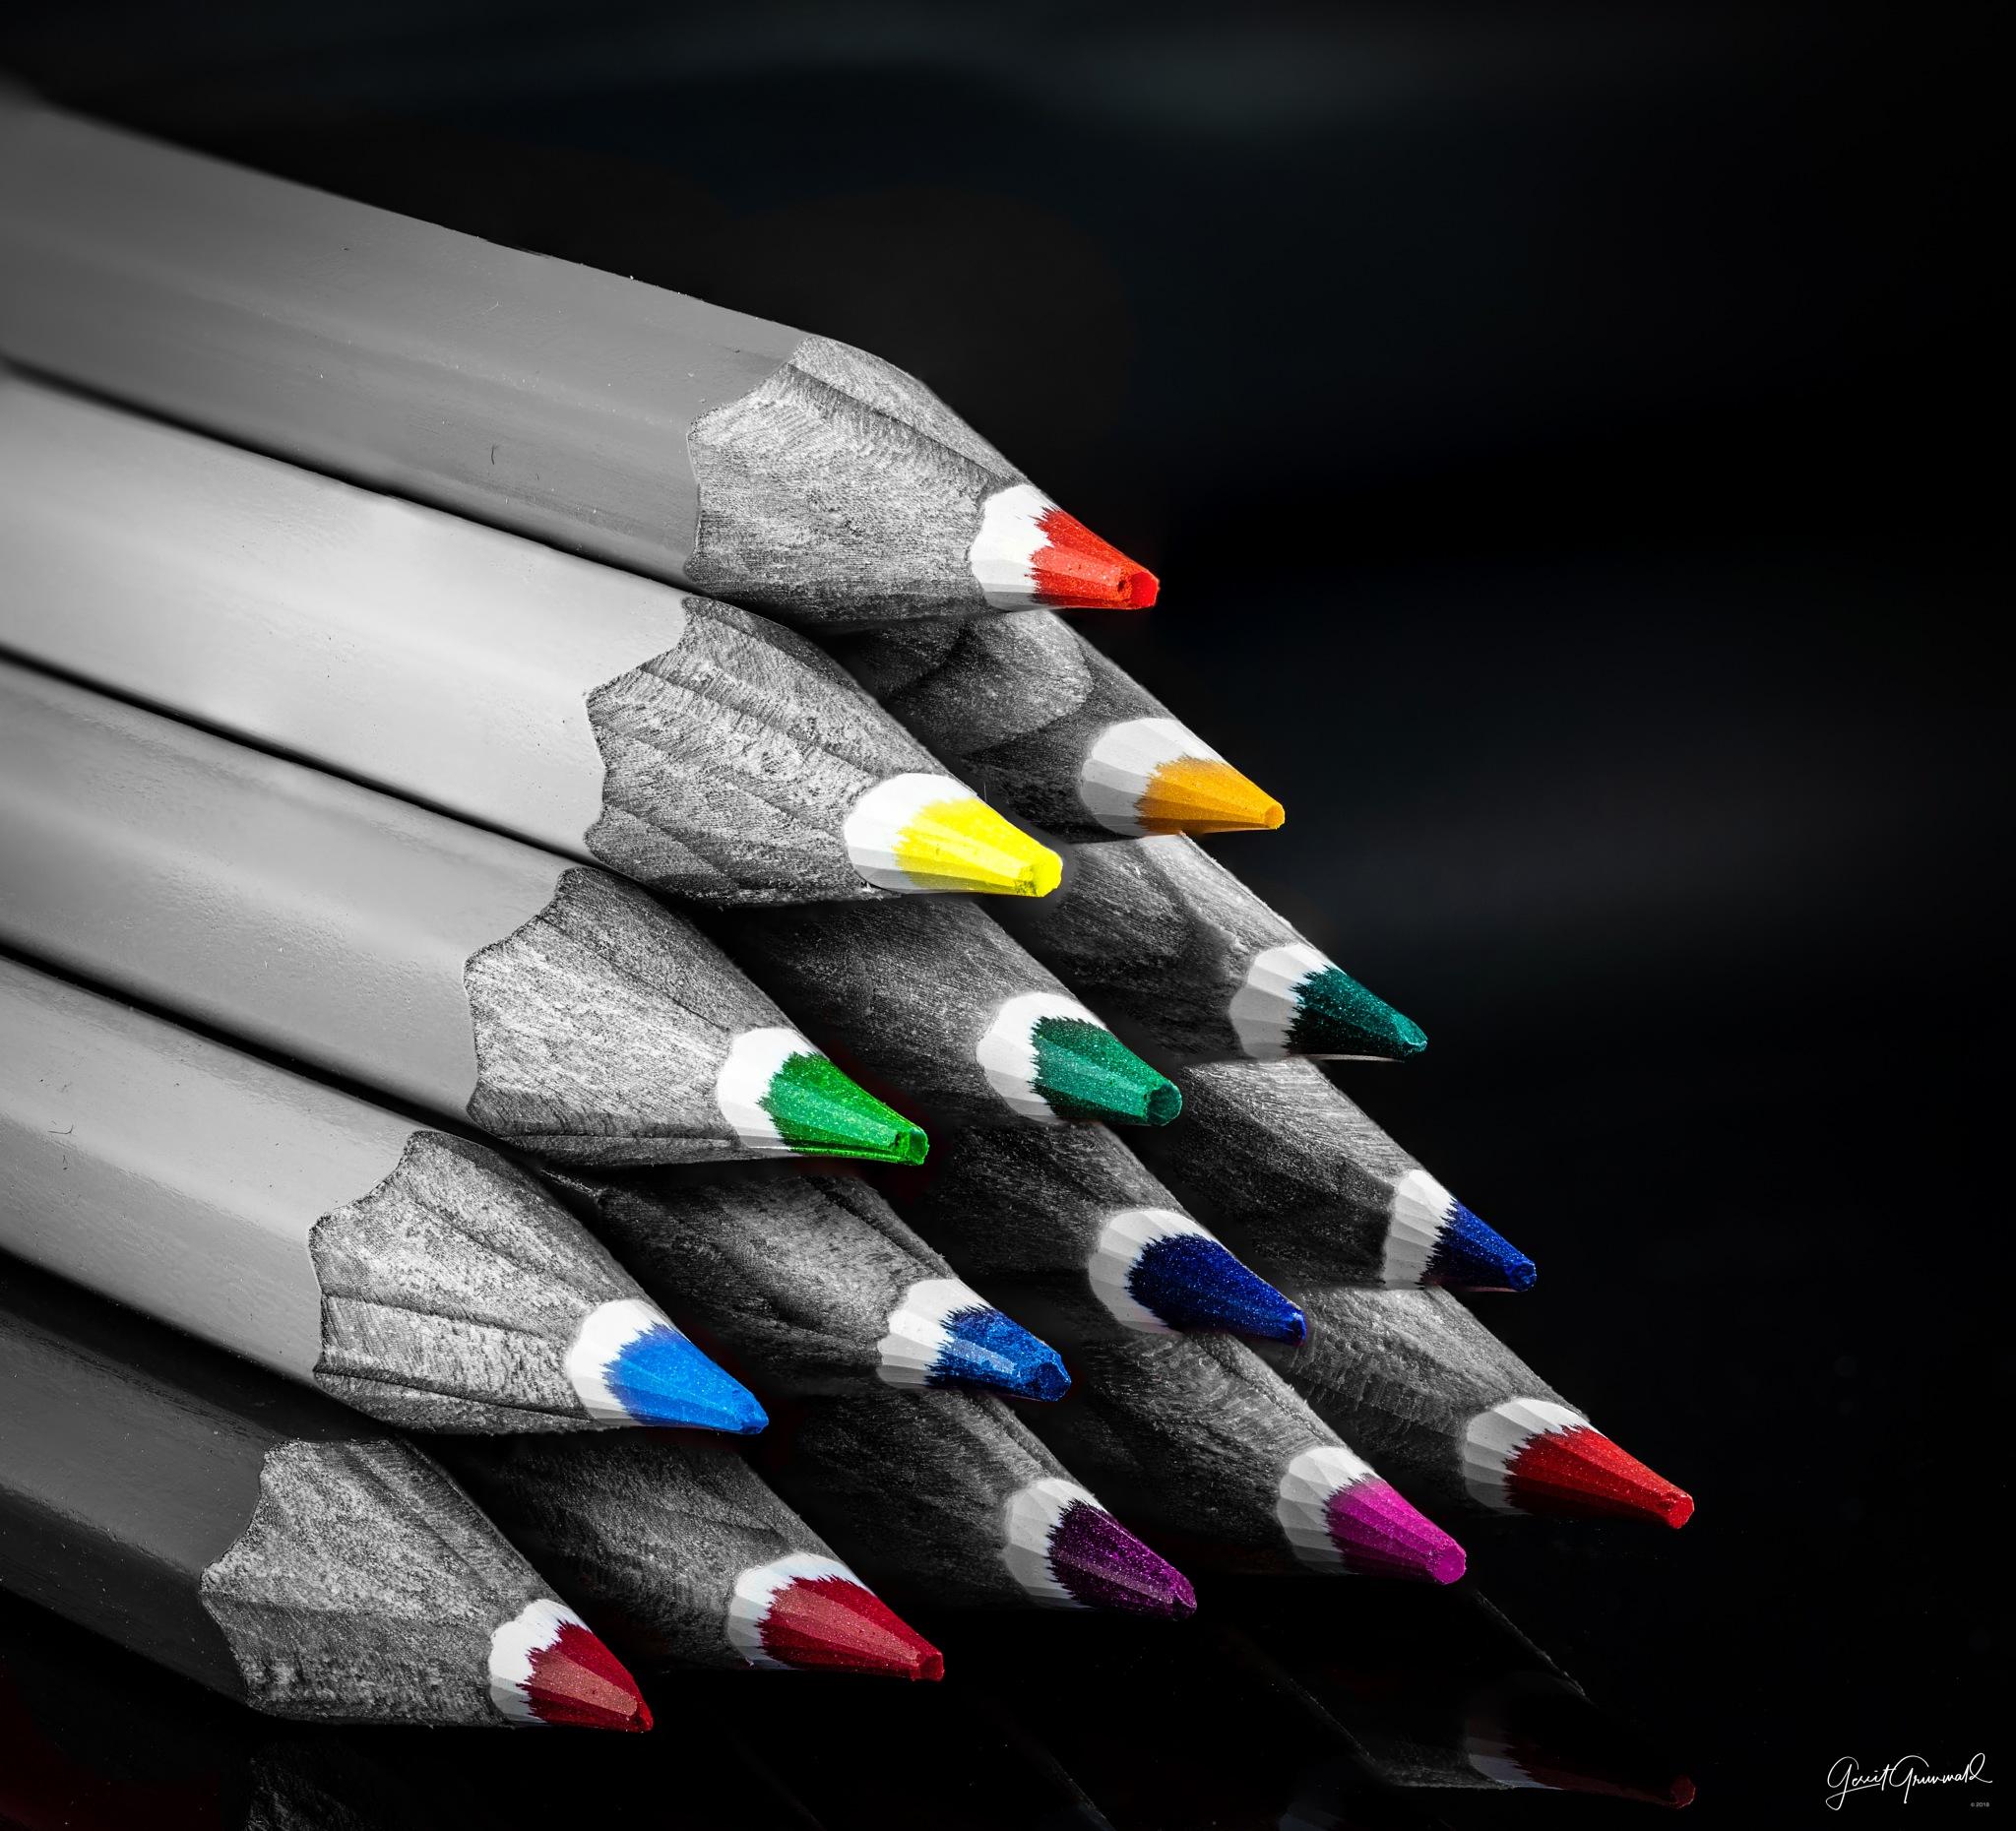 Colored Pencils by Gerrit Grunwald